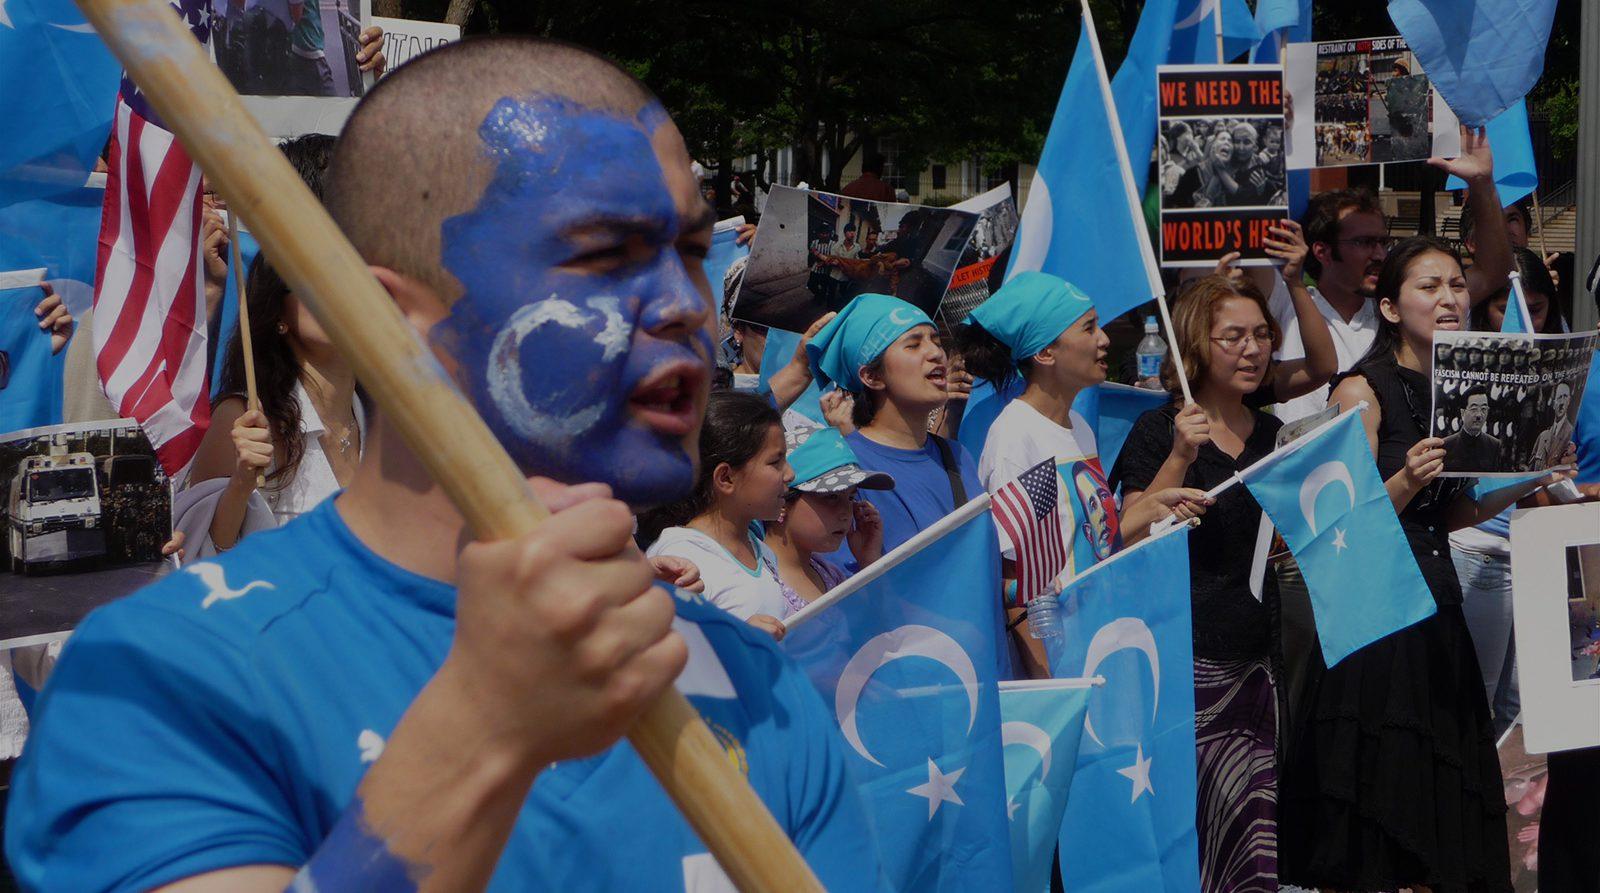 Les camps du Xinjiang : aux origines de la répression chinoise contre les Ouïghours